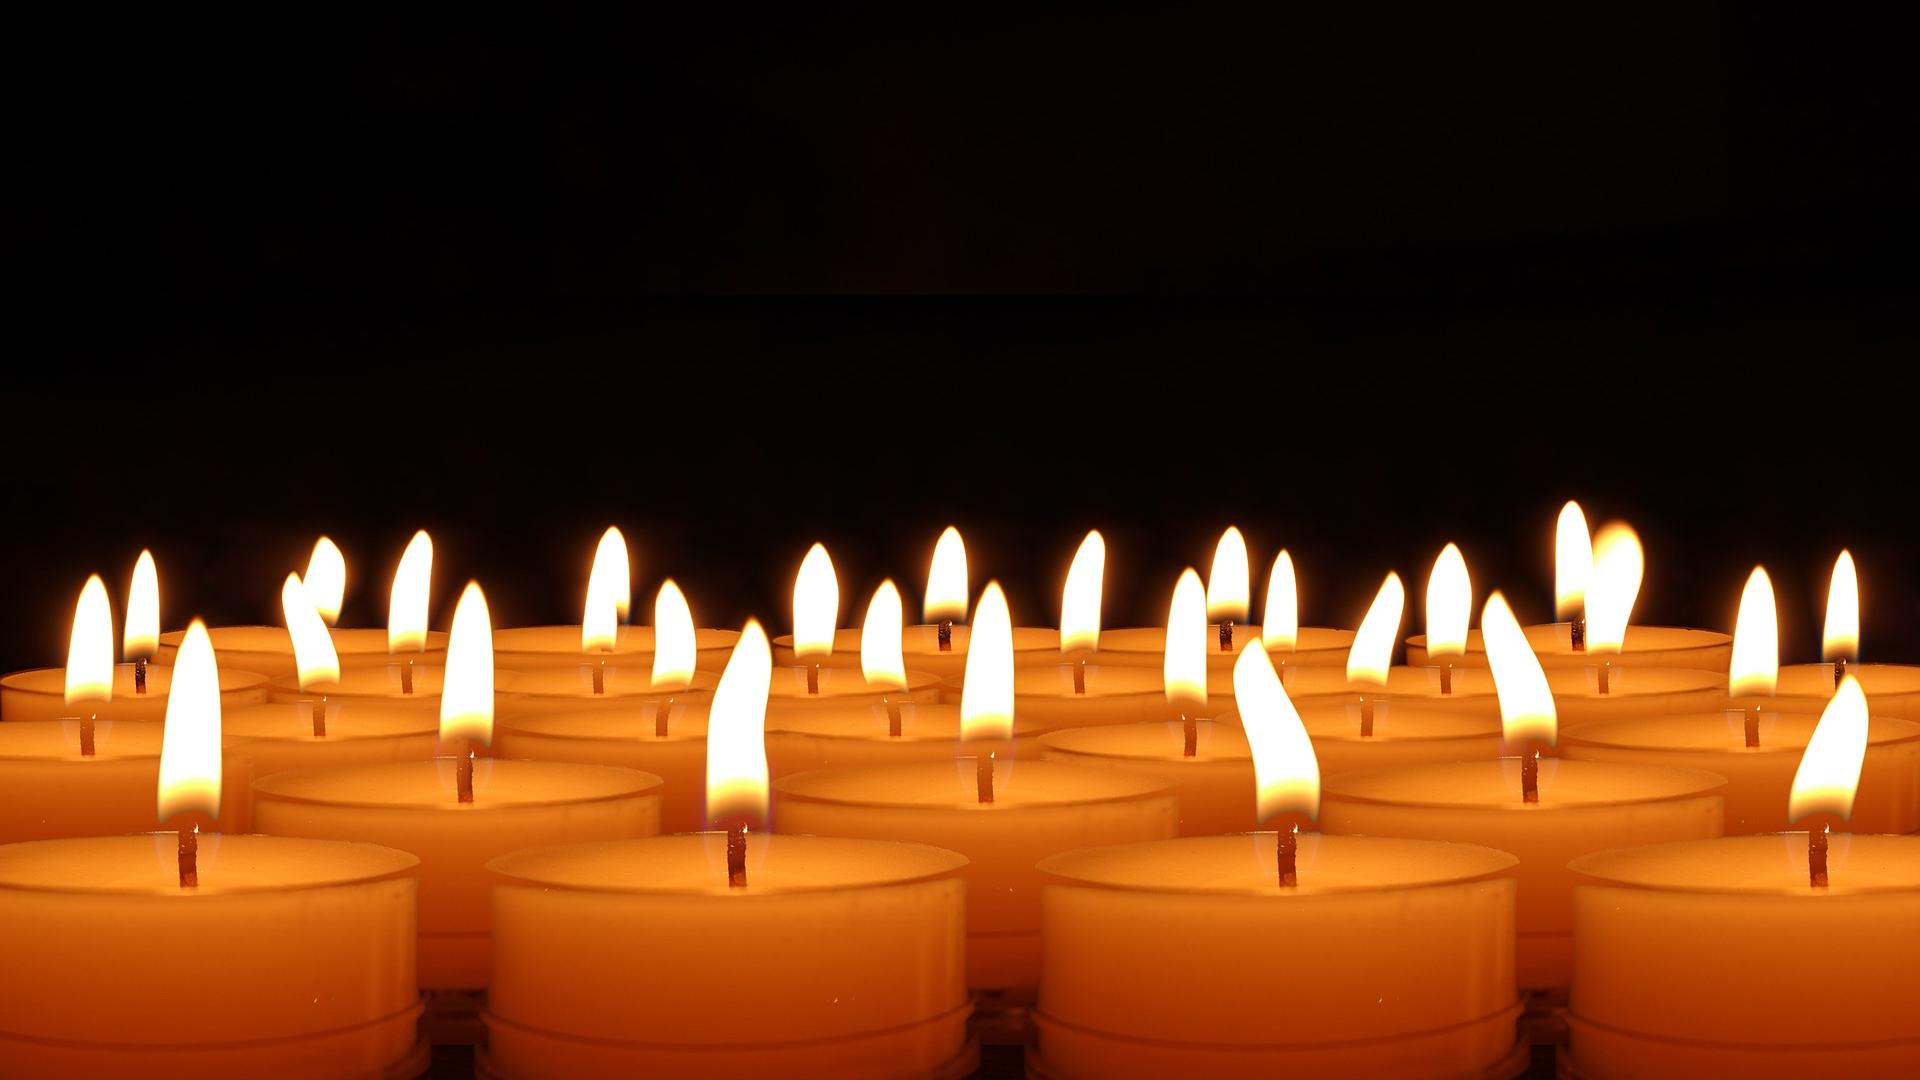 В День памяти и скорби «Юбилейный» проведёт несколько онлайн-мероприятий